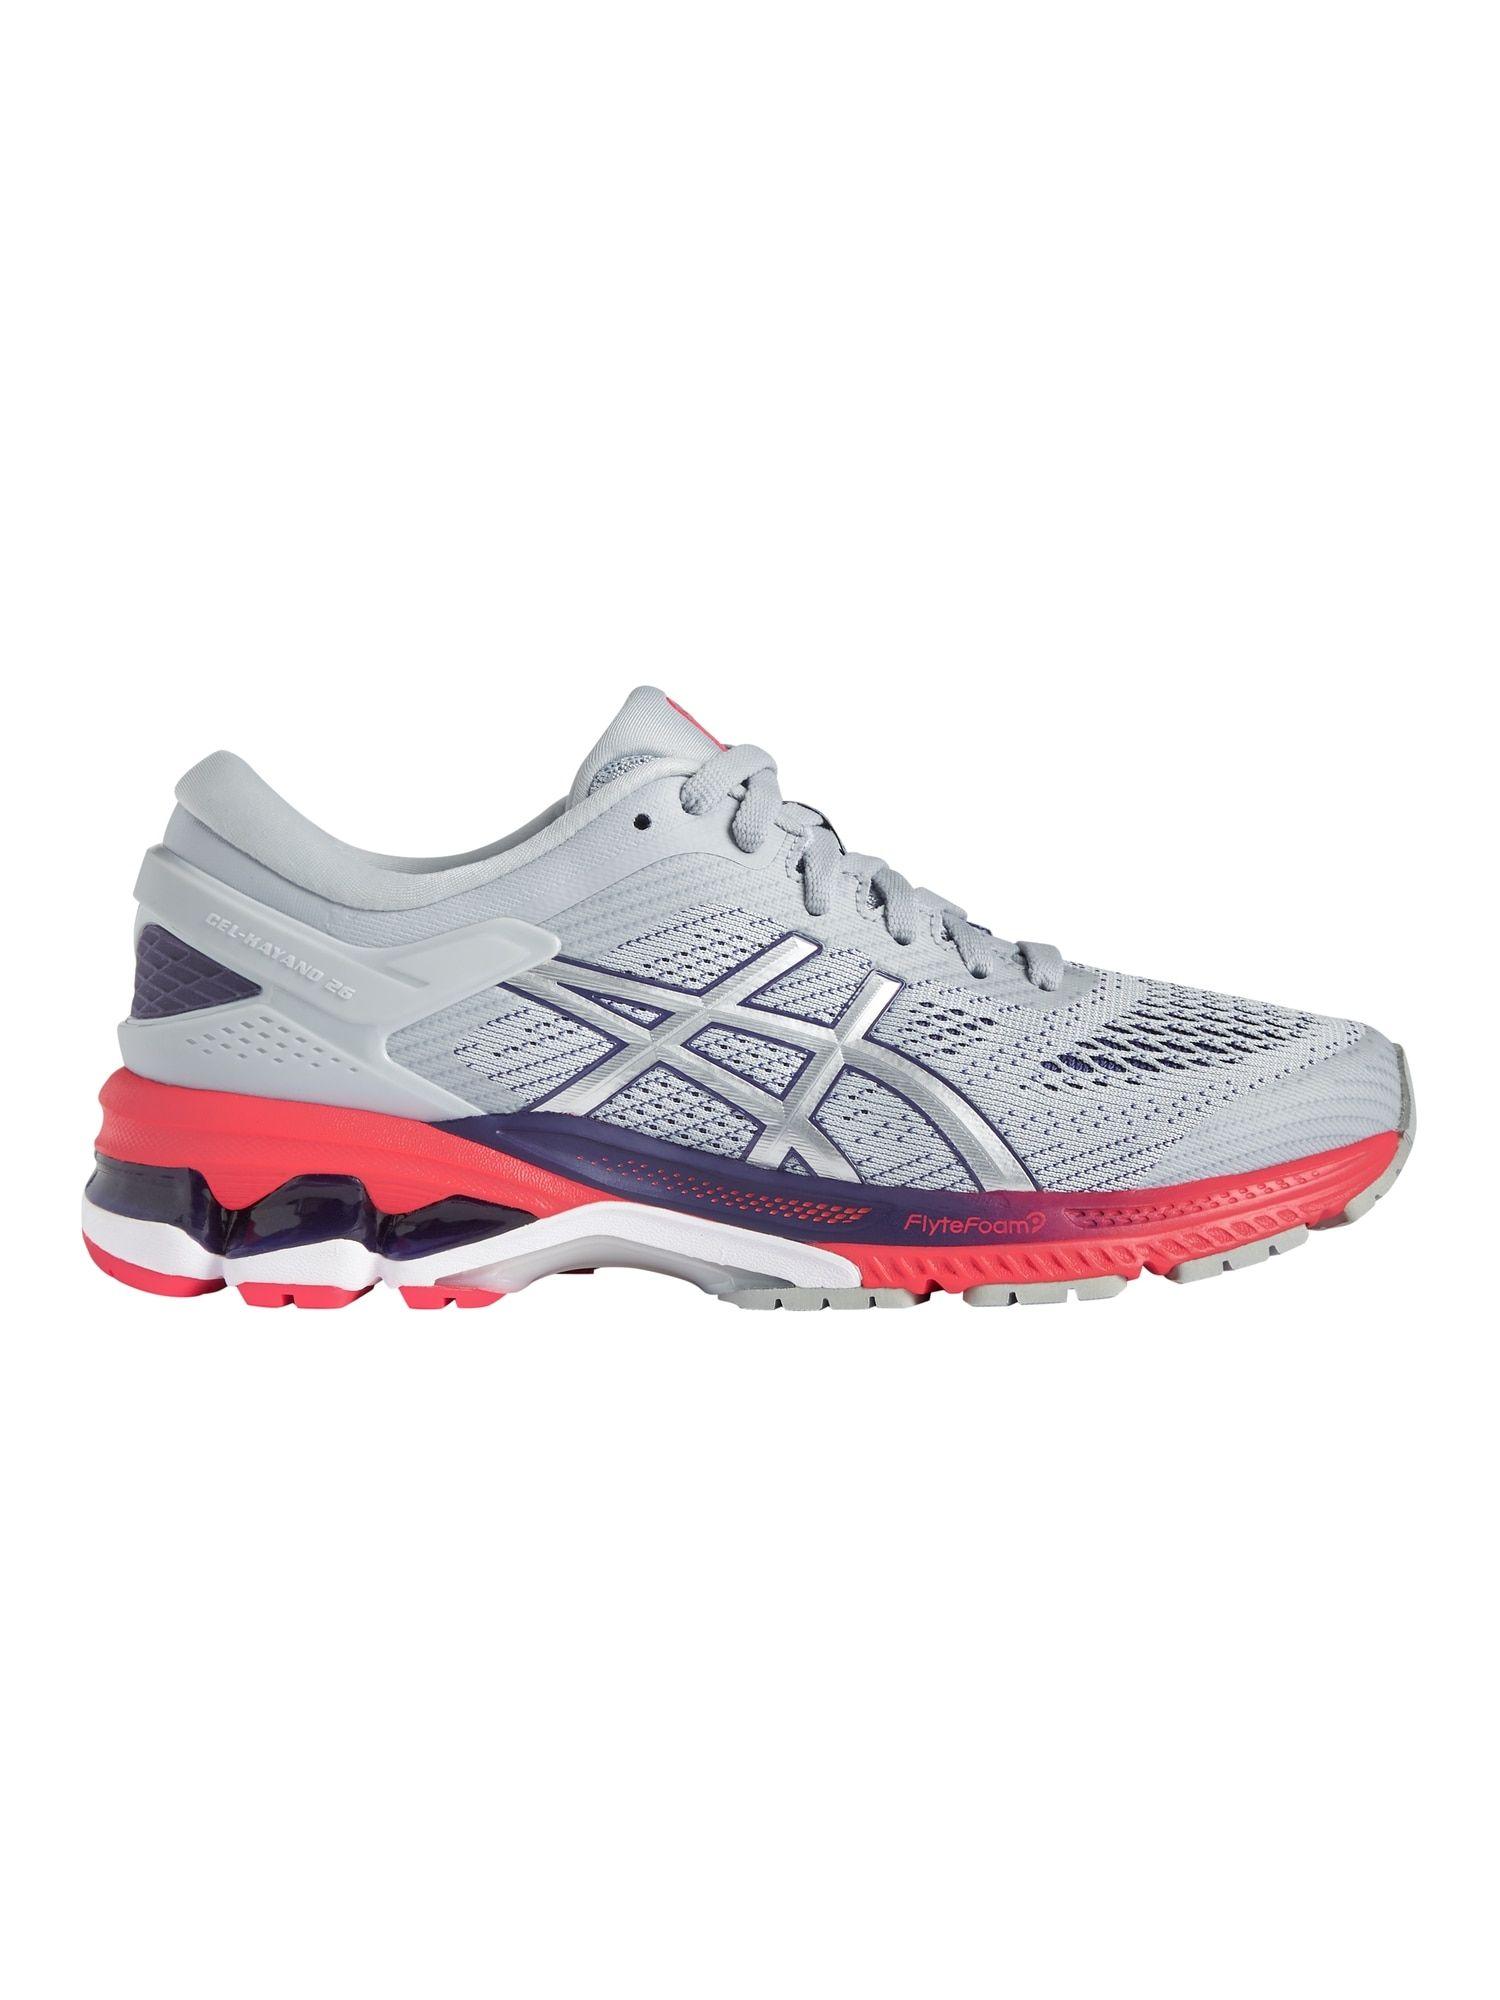 Gel Kayano 26 Sneaker By Asics® Joggesko, Asics, Joggesko  Sneakers, Asics, Running shoes